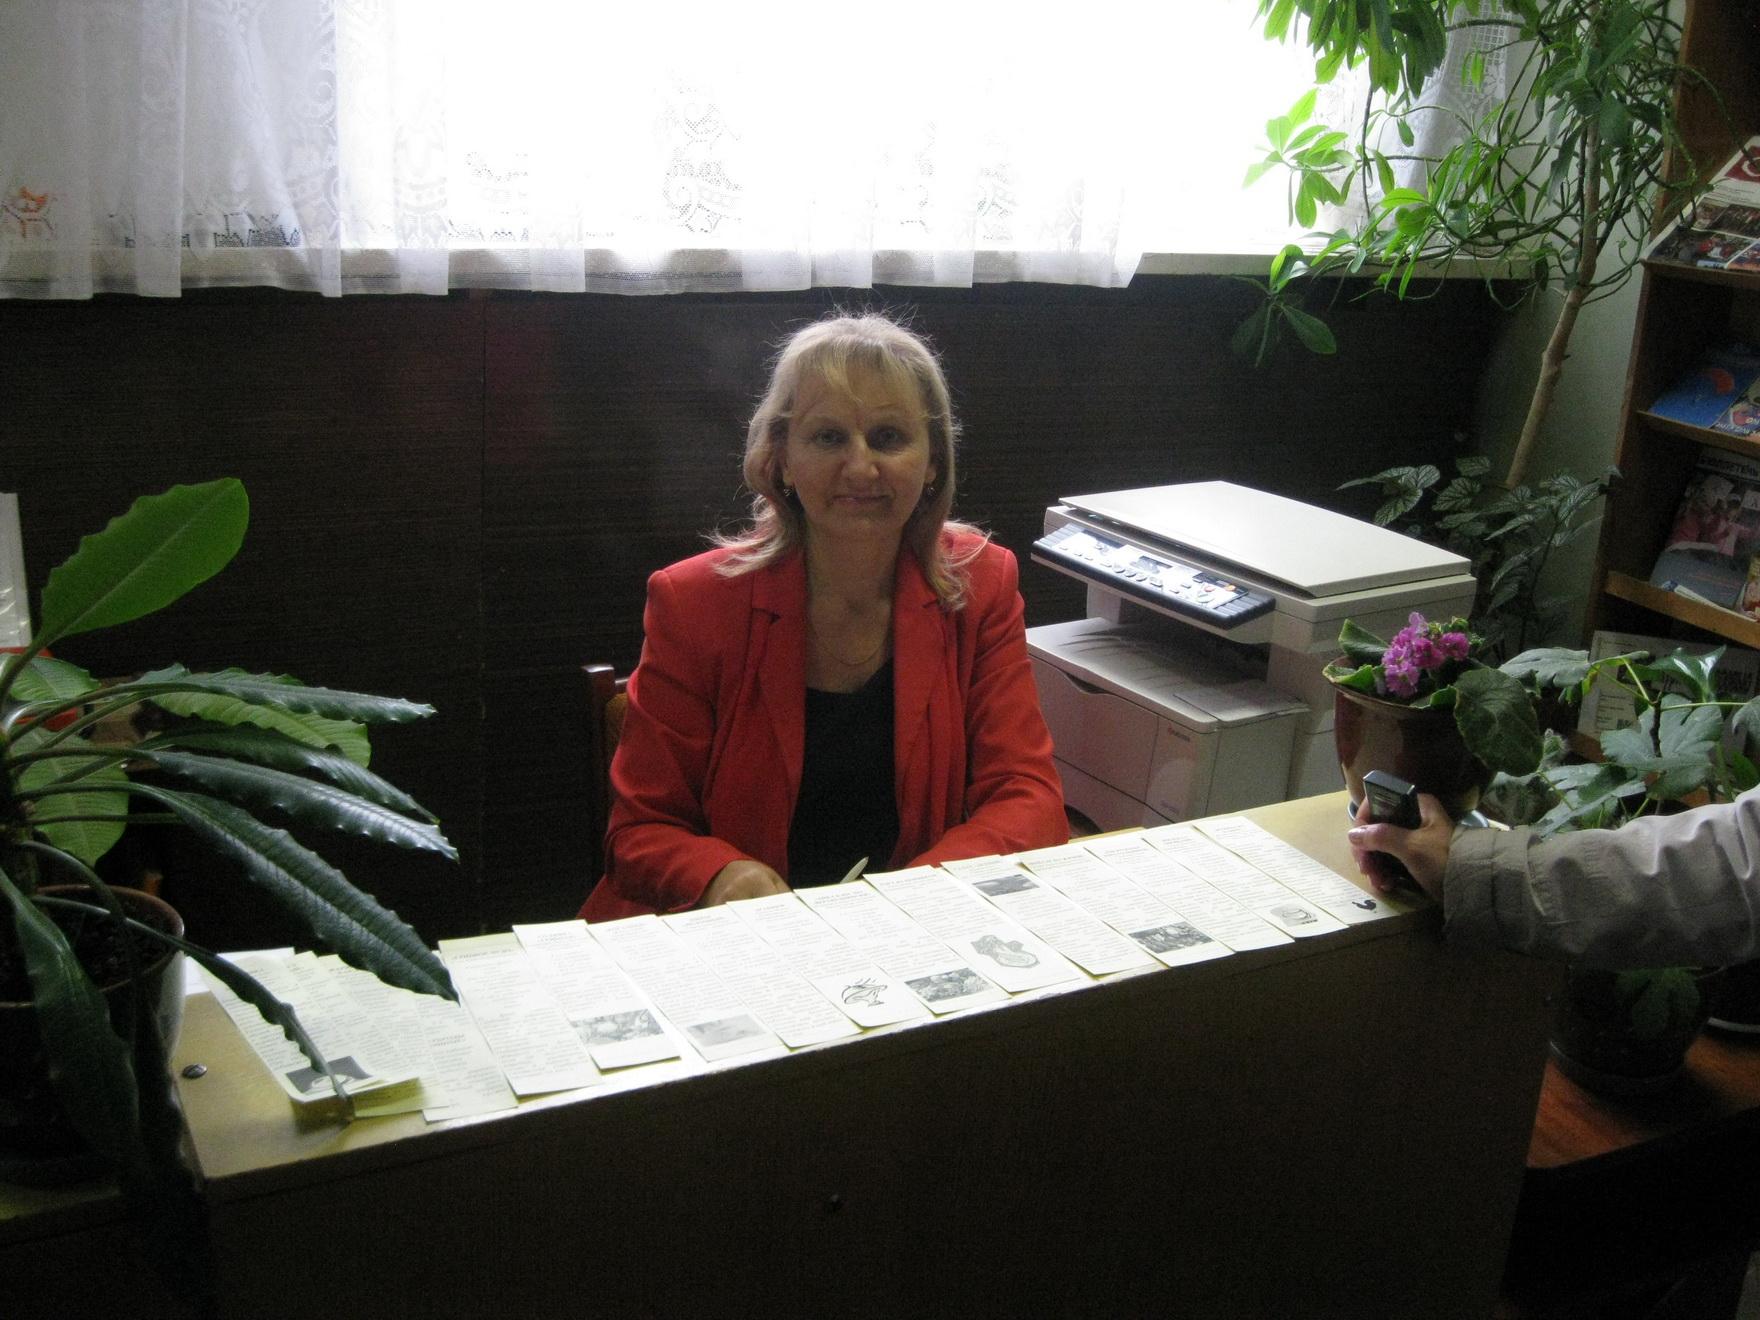 библиотекарь отдела обслуживания и информации районной библиотеки В. В. Забогонская.